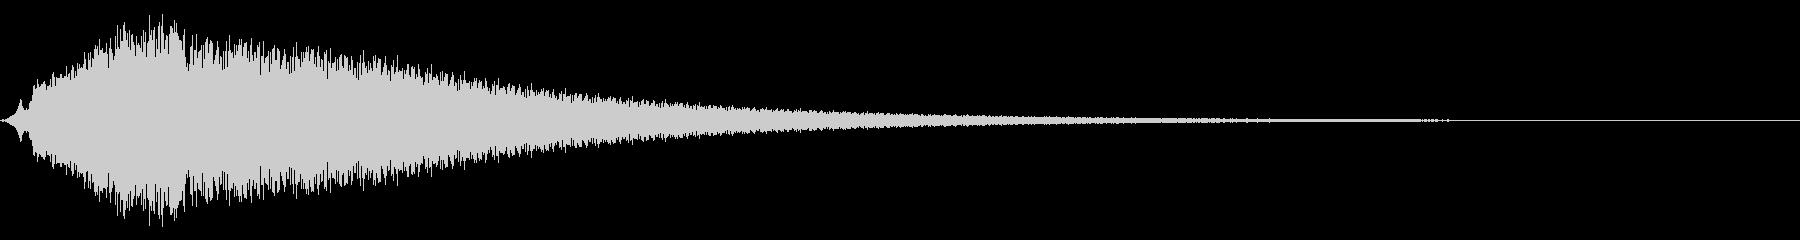 ギョーン (シリアス,ホラーな雰囲気)の未再生の波形